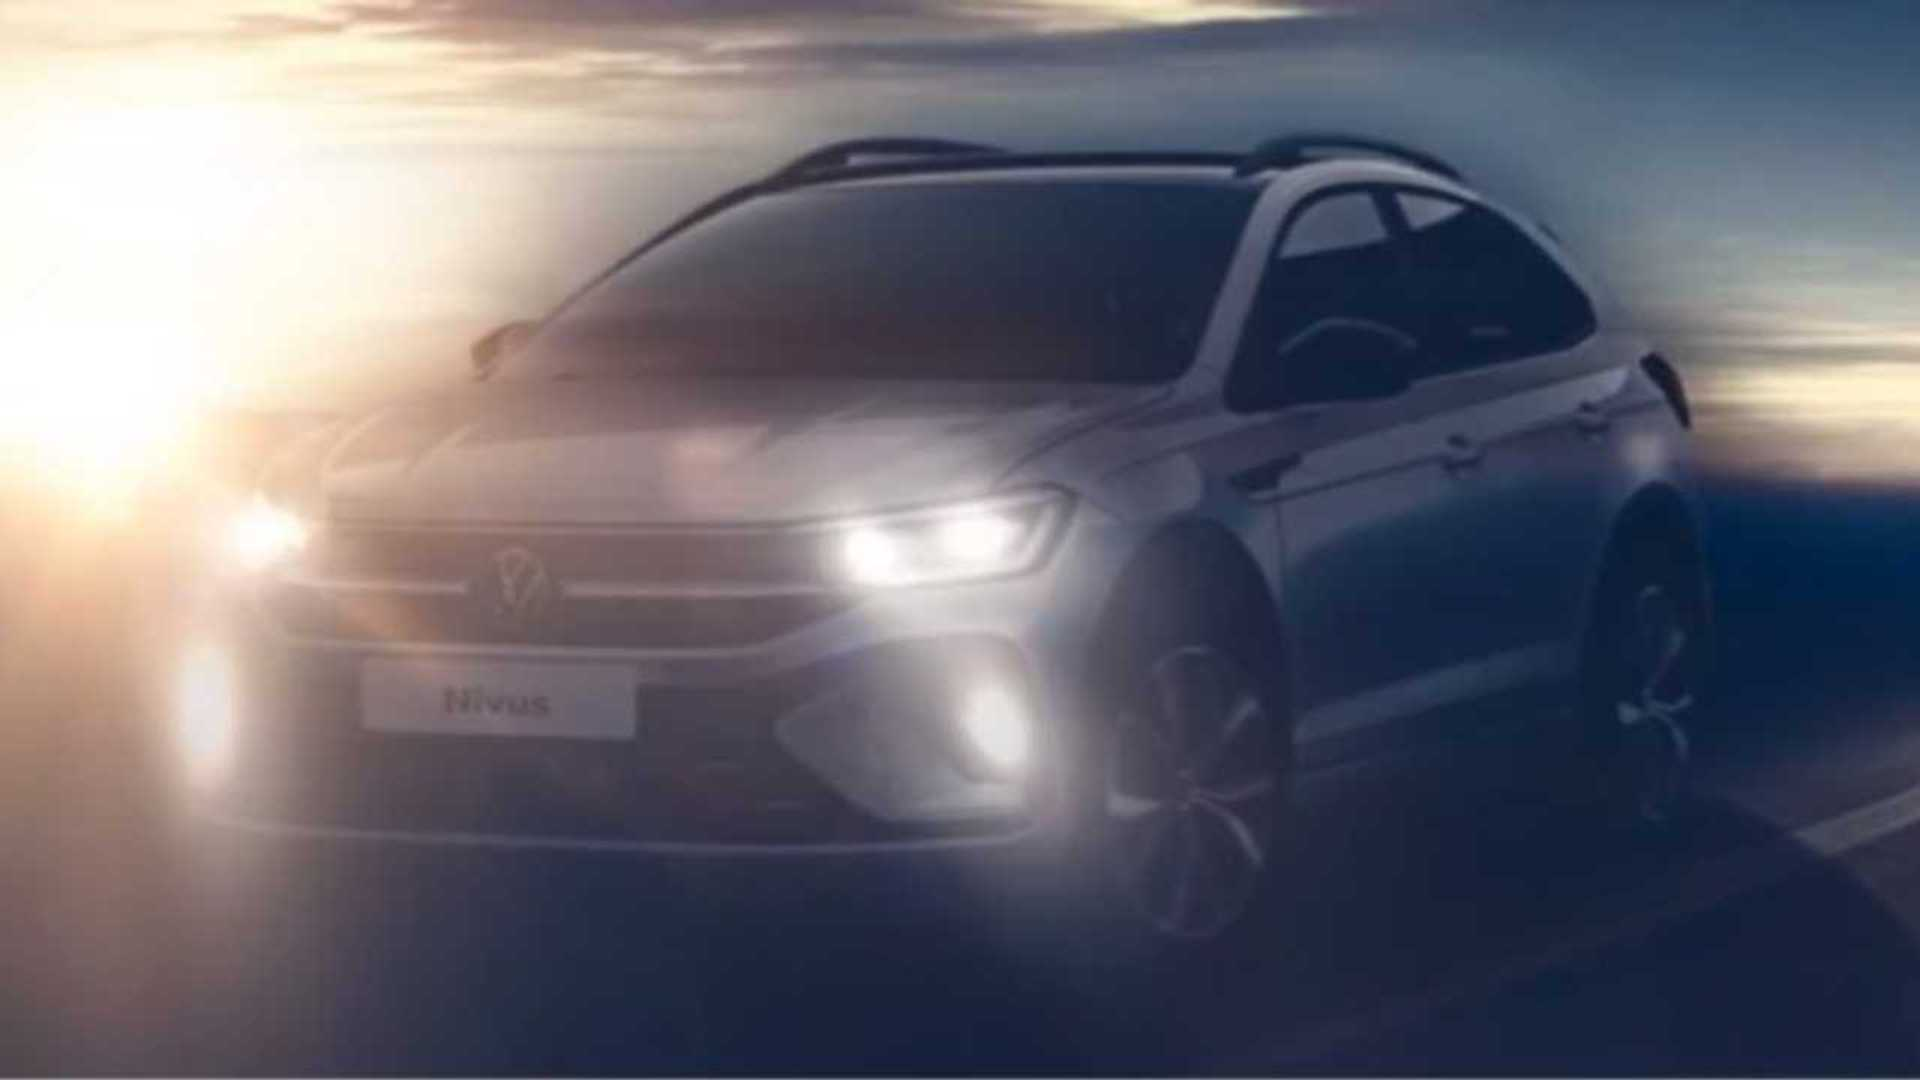 Teaser revela a frente do Volkswagen Nivus